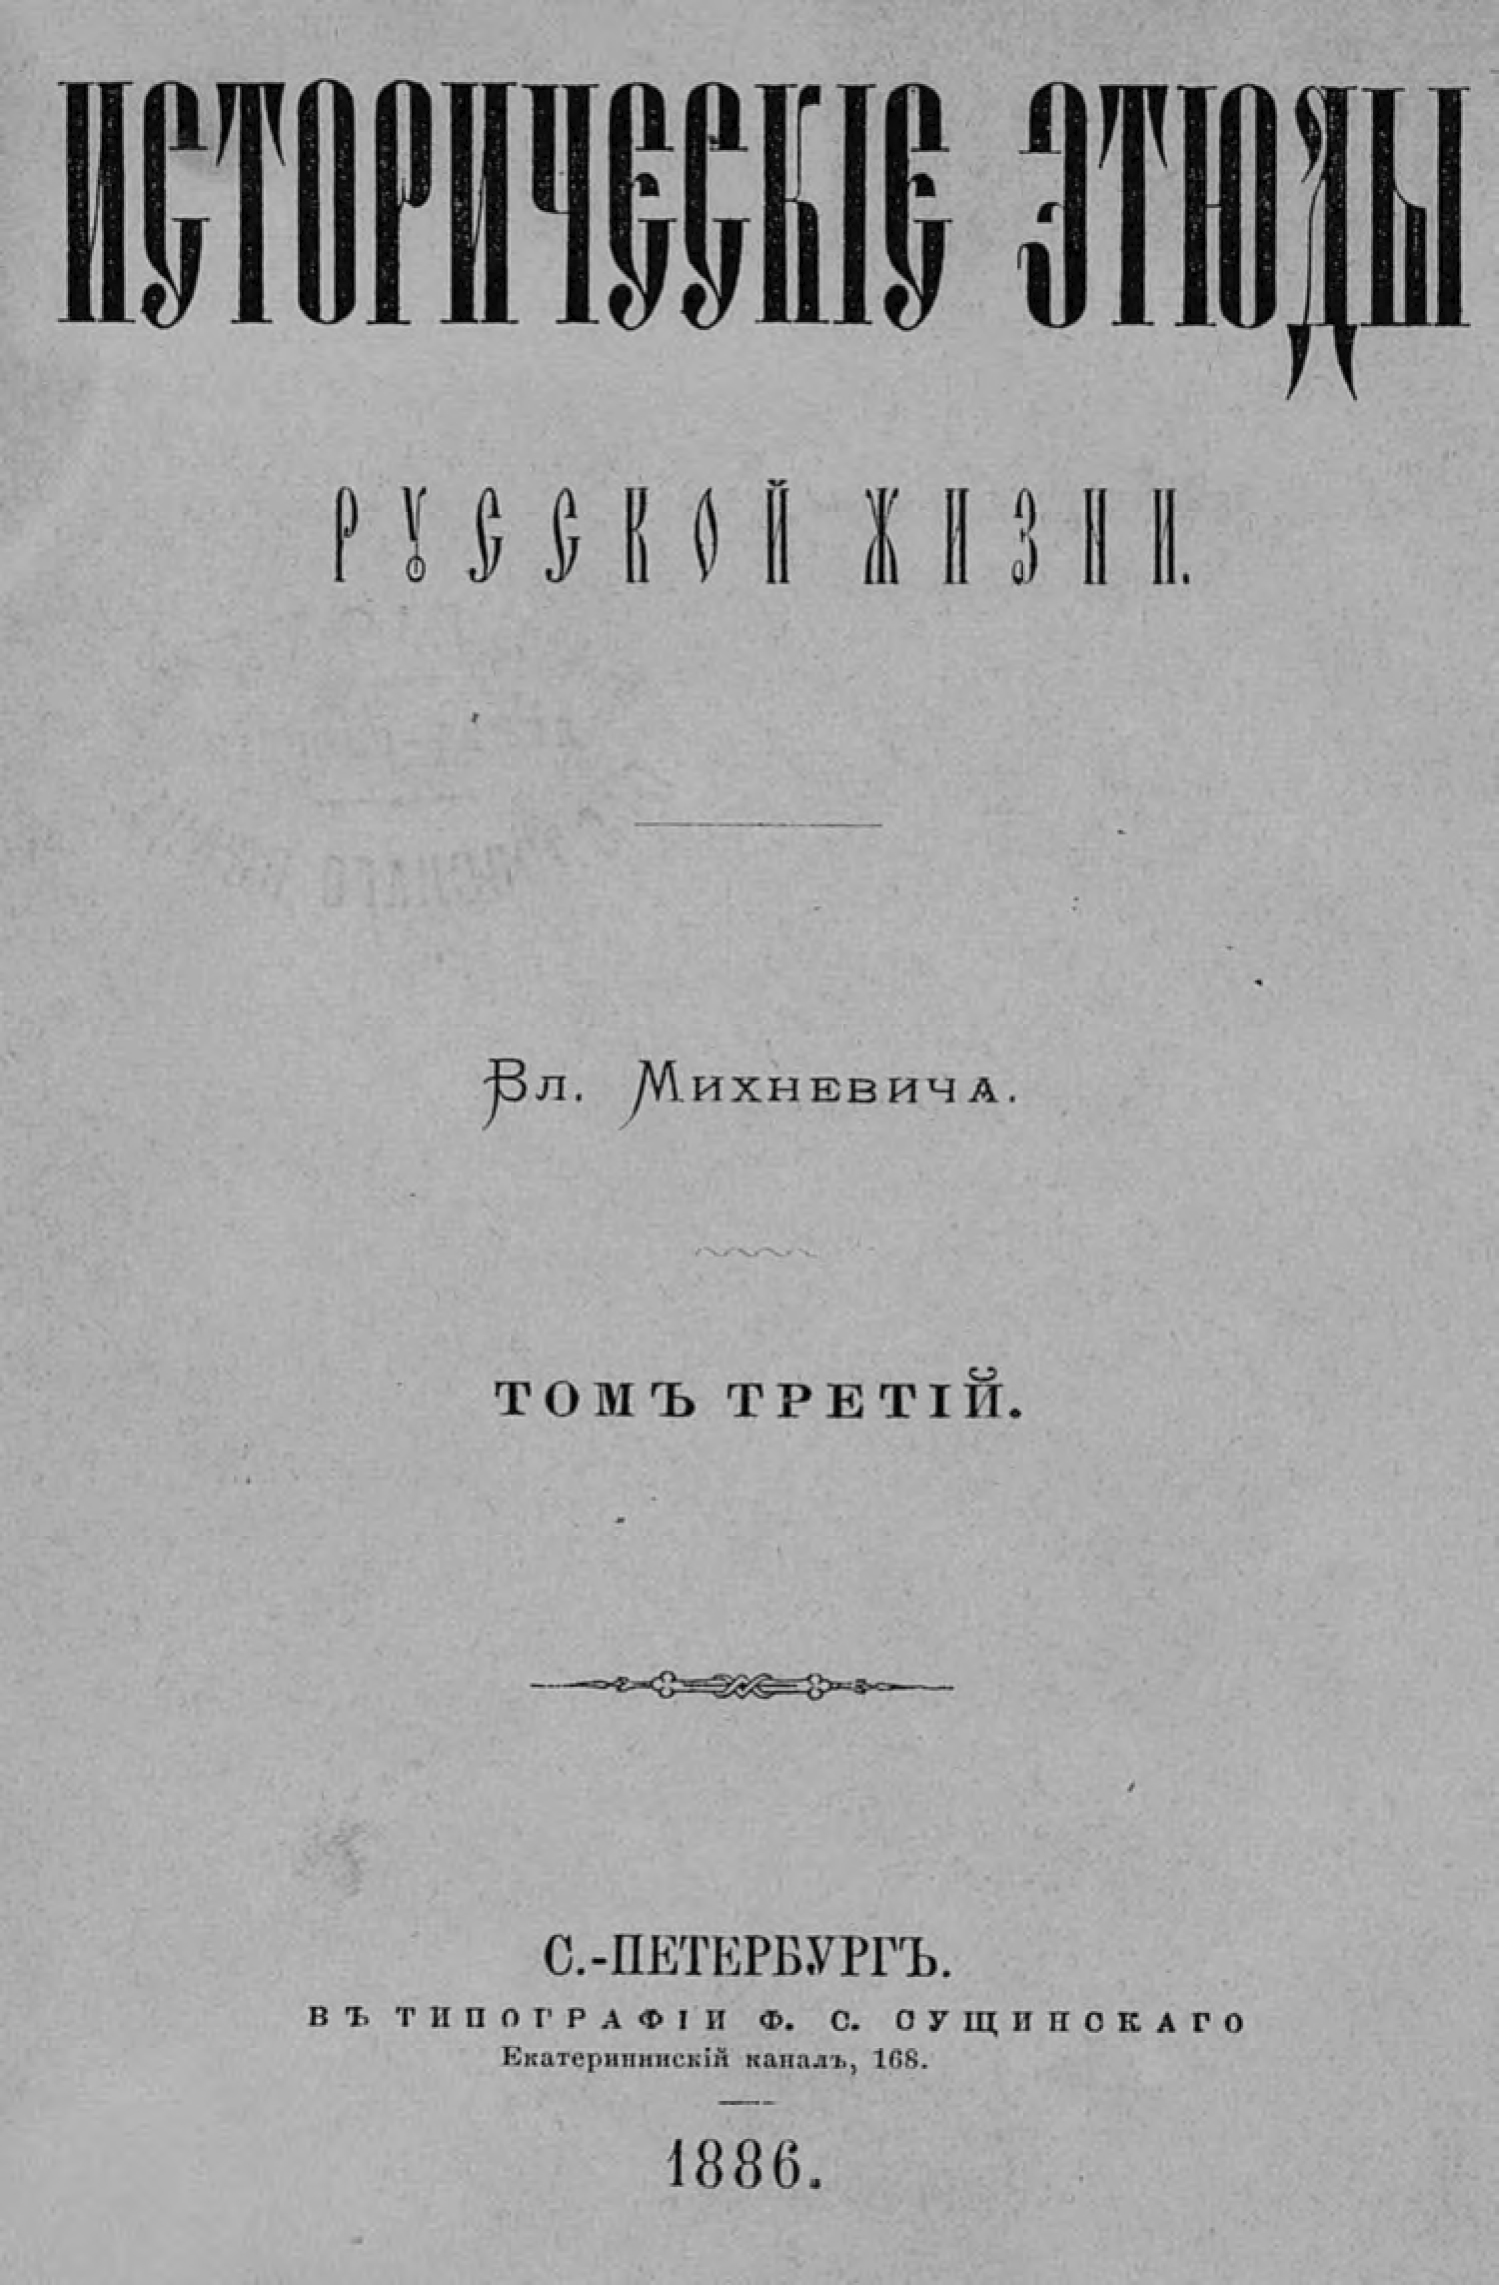 Коллектив авторов Язвы Петербурга